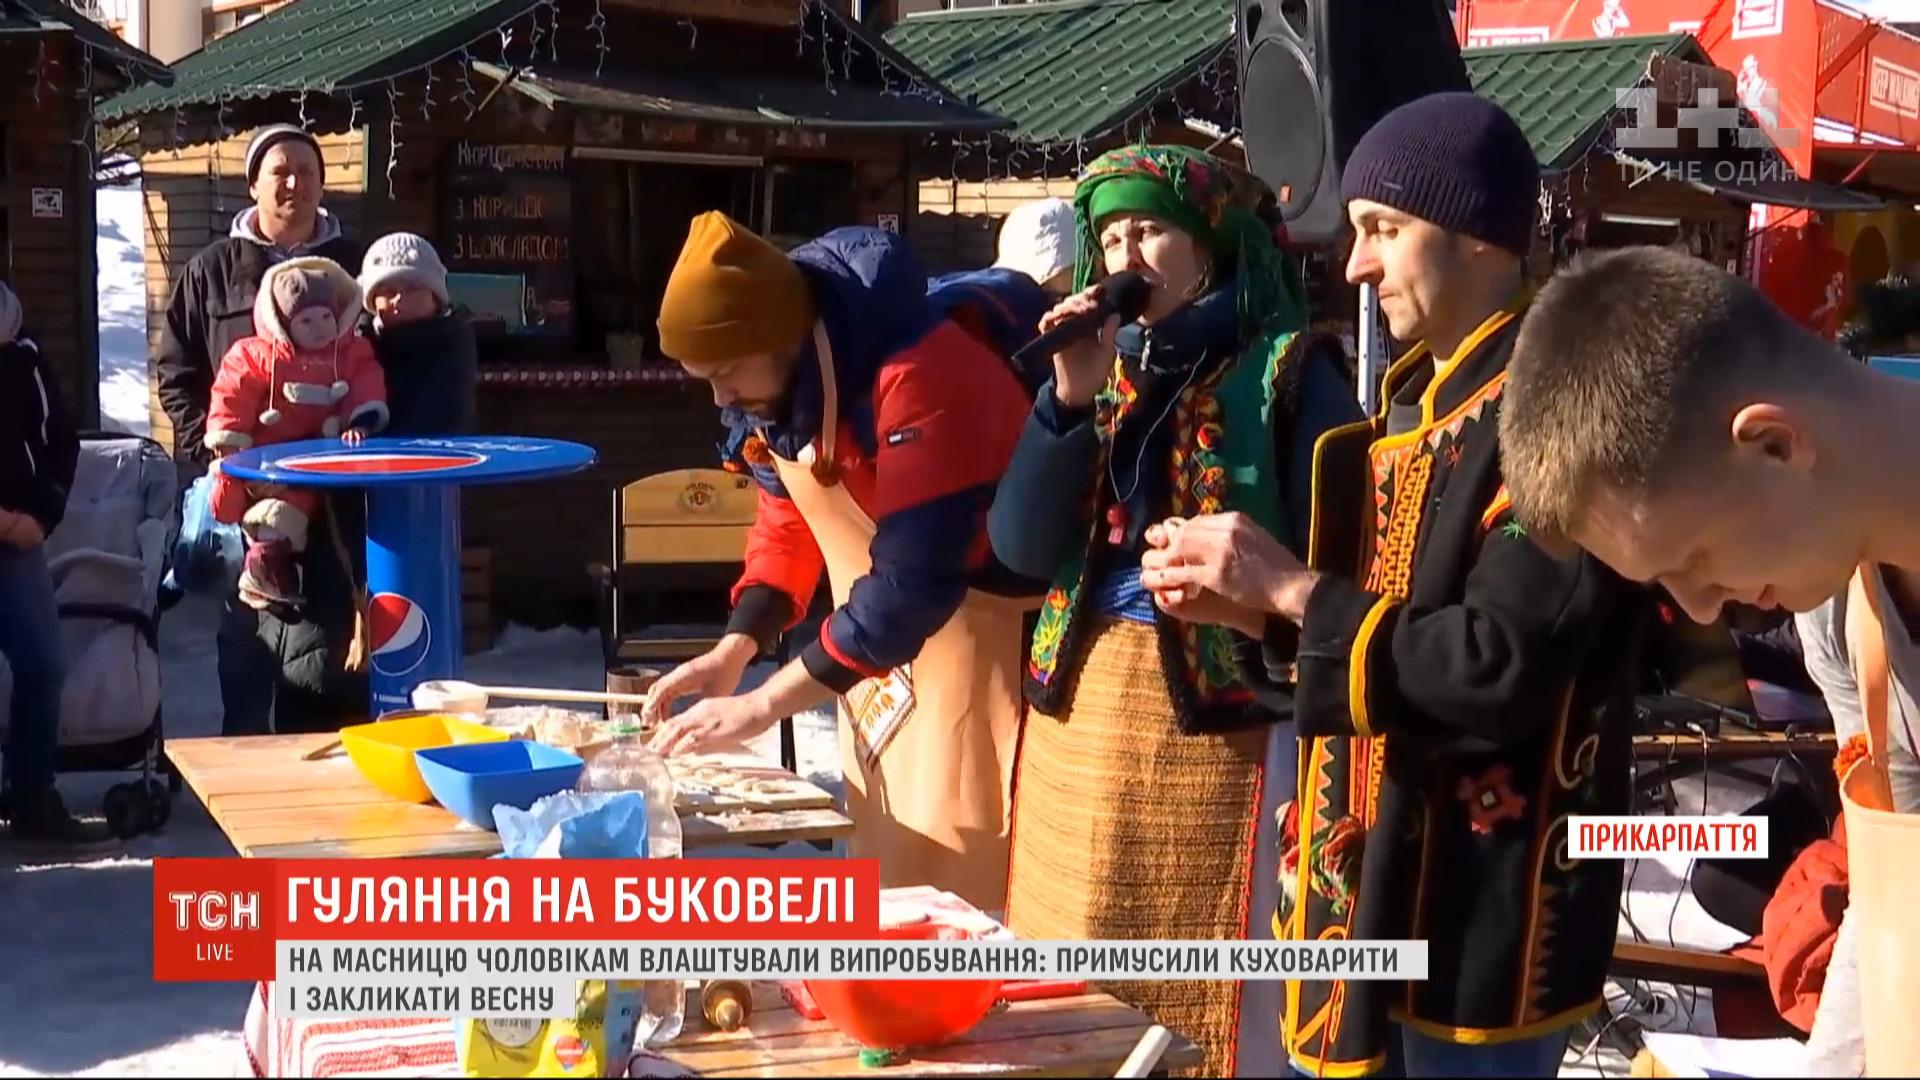 Испокон веков на Масленицебыли главными женщины / скриншот из видео